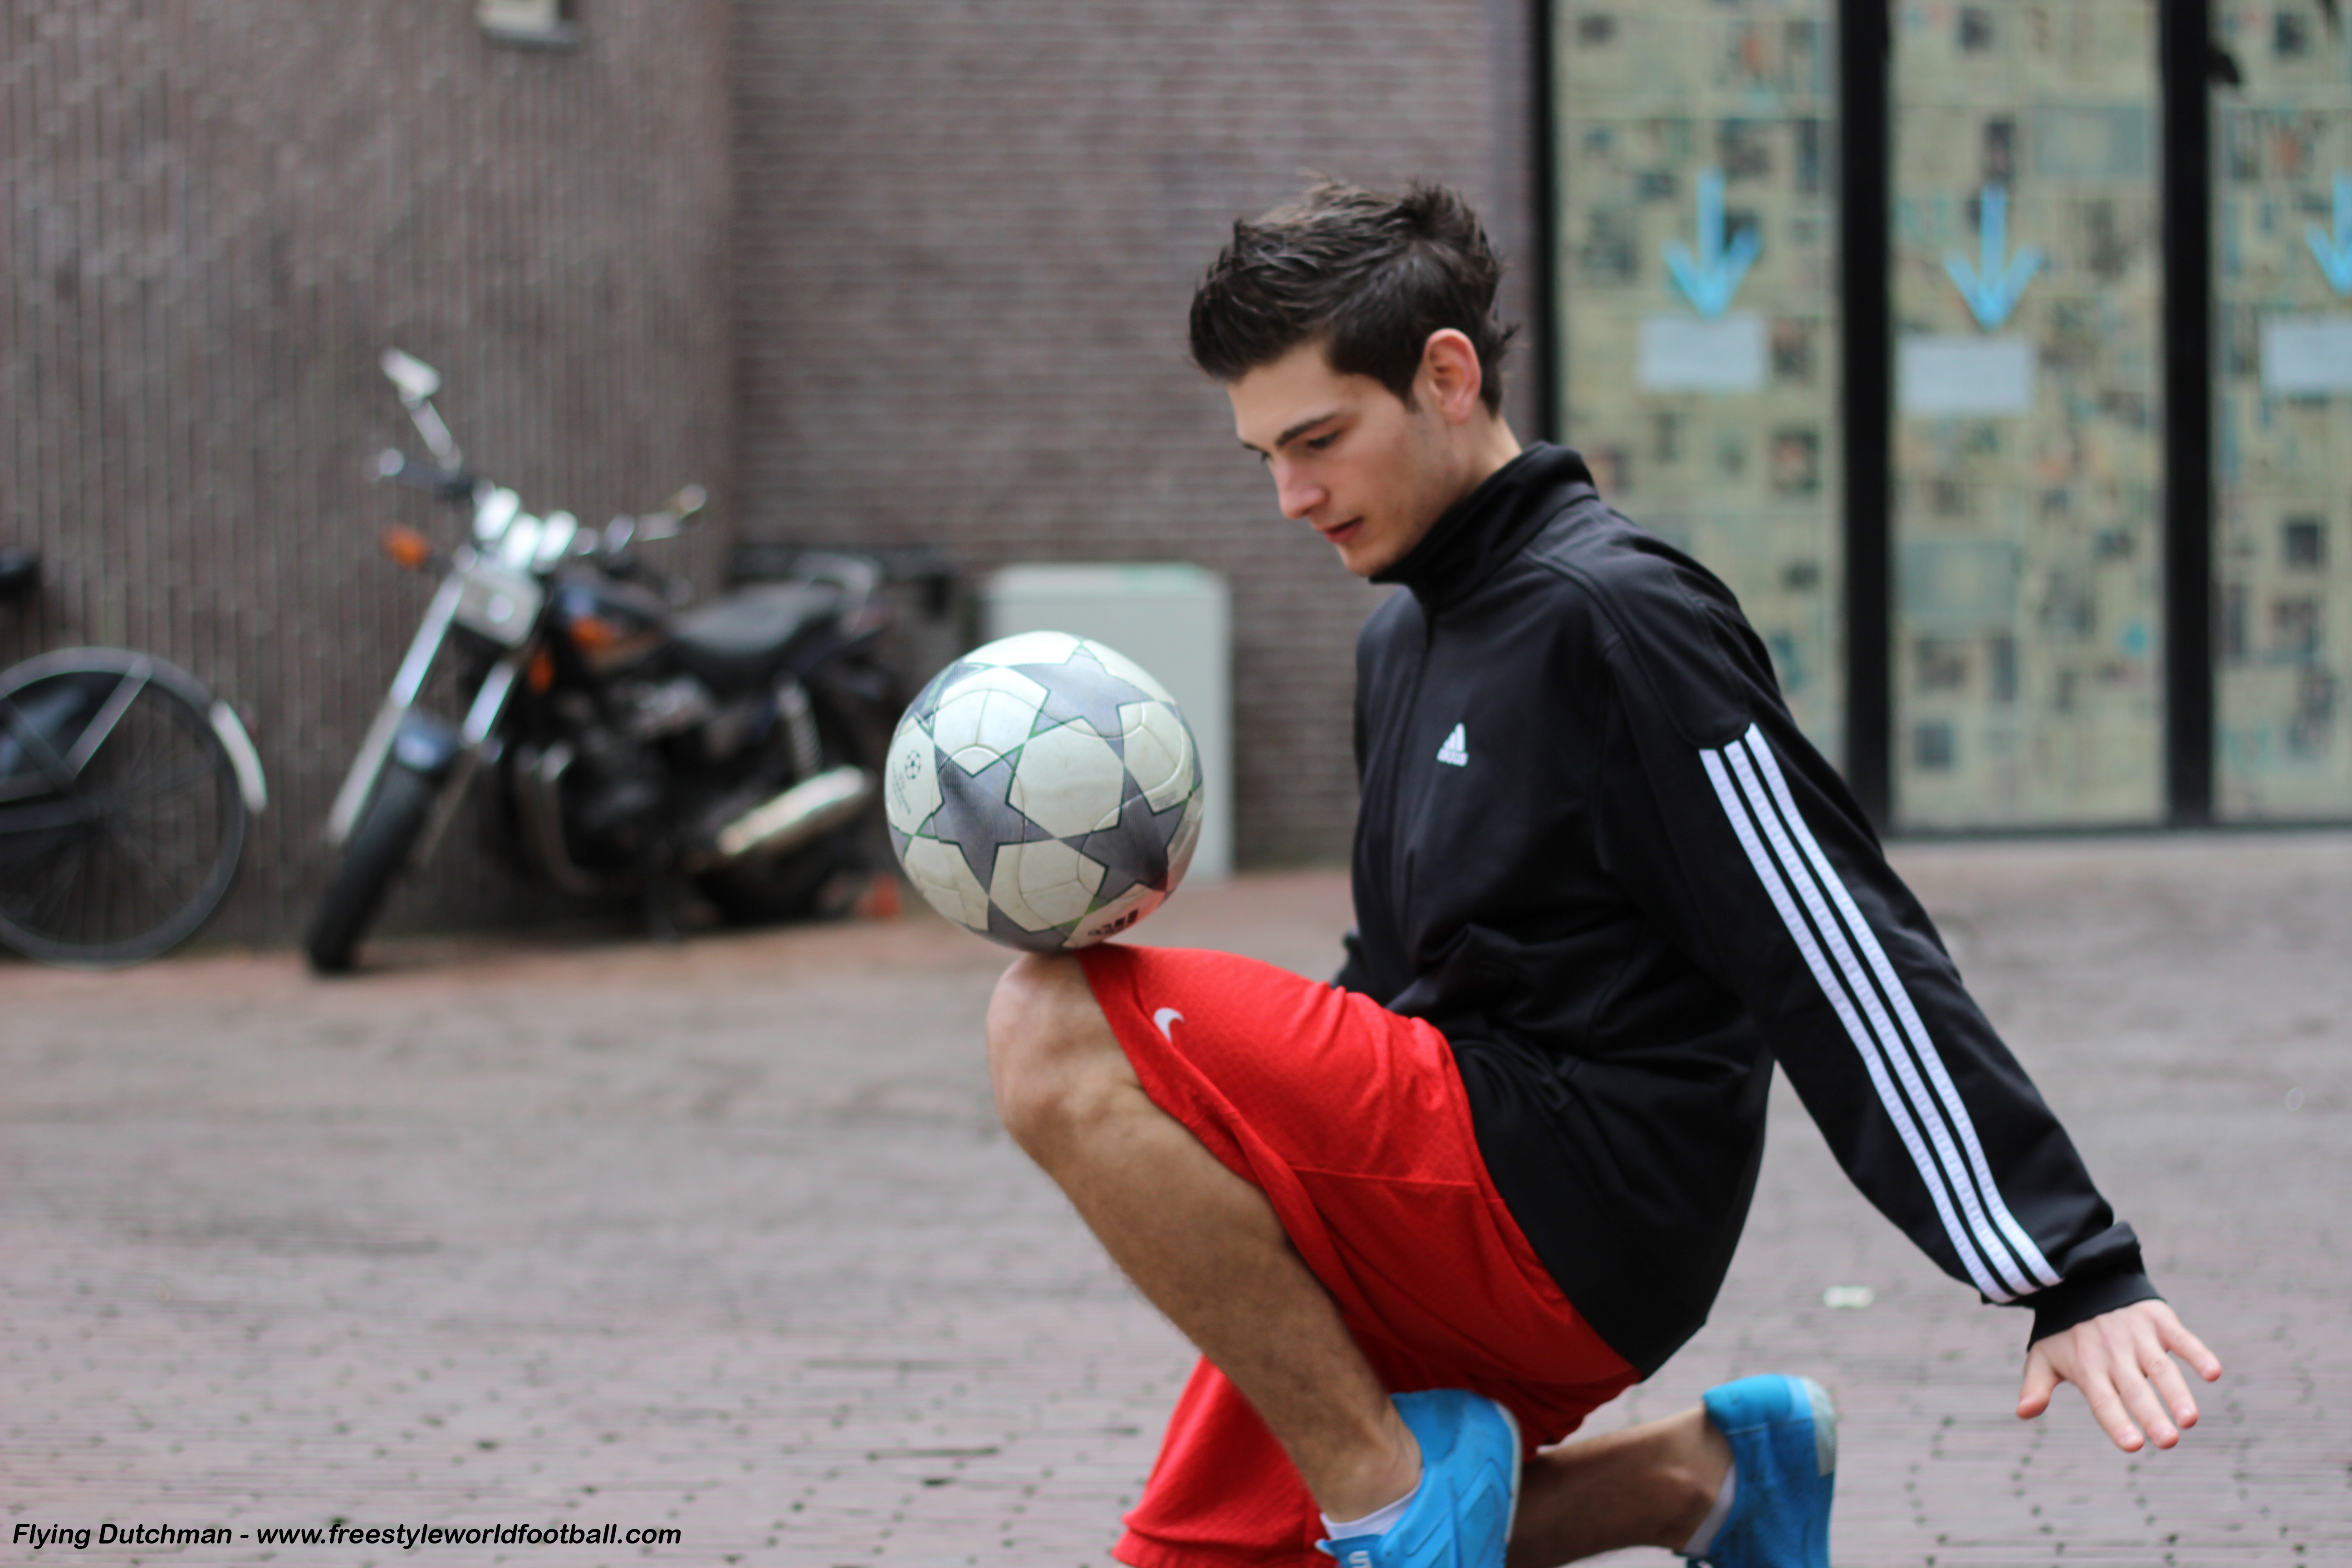 Flying Dutchma - 002 - www.freestyleworldfootball.com.jpg